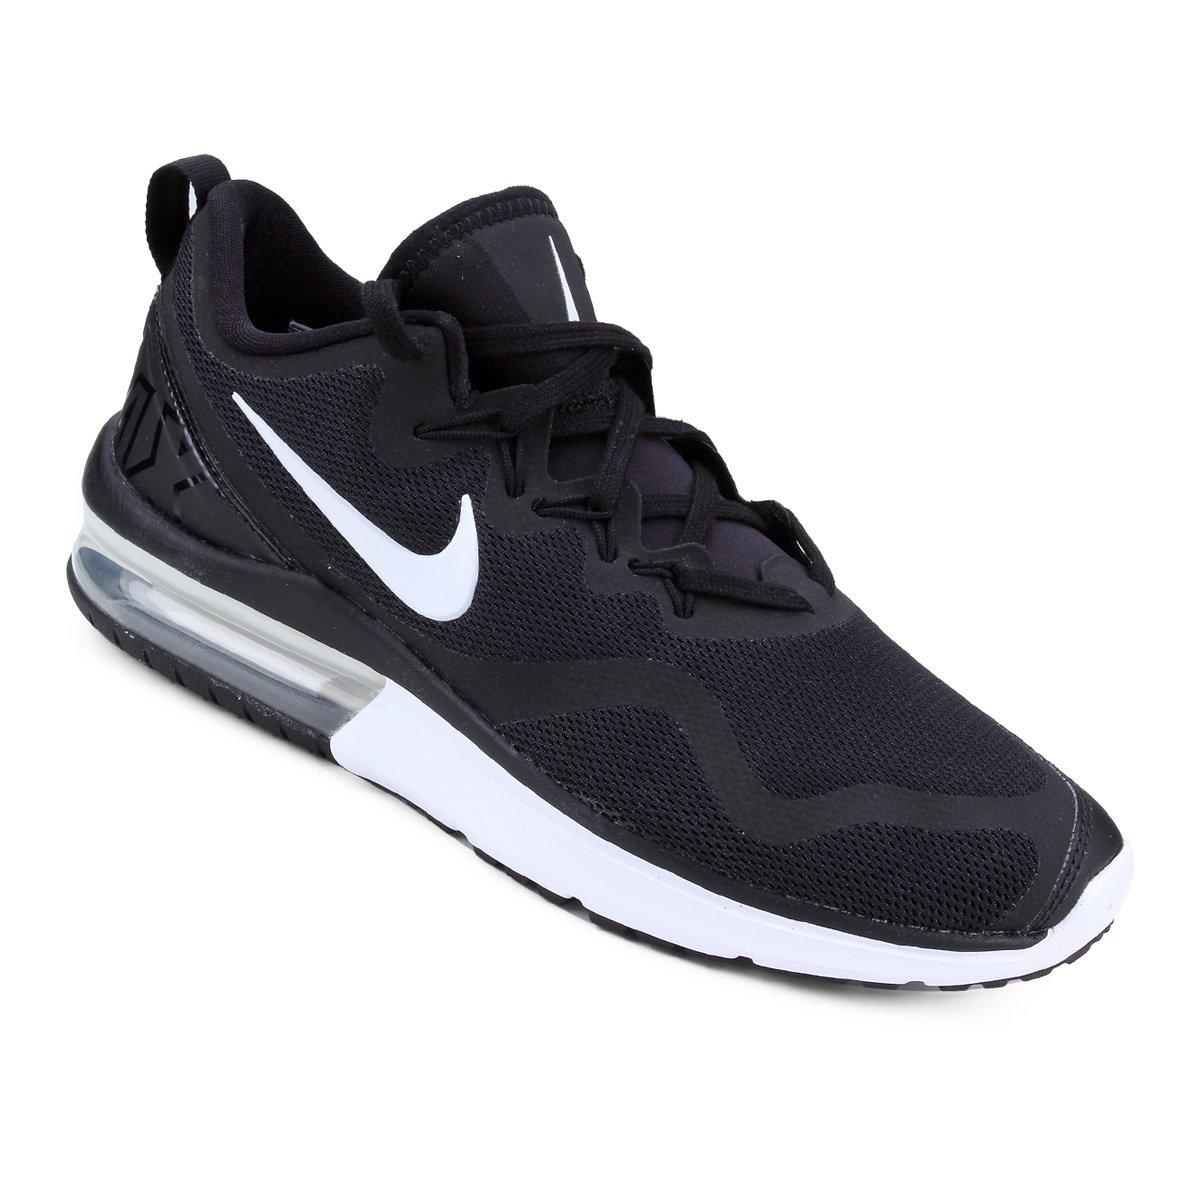 e1f3867740 Tênis Nike Air Max Fury Feminino - Preto e Branco - Compre Agora ...